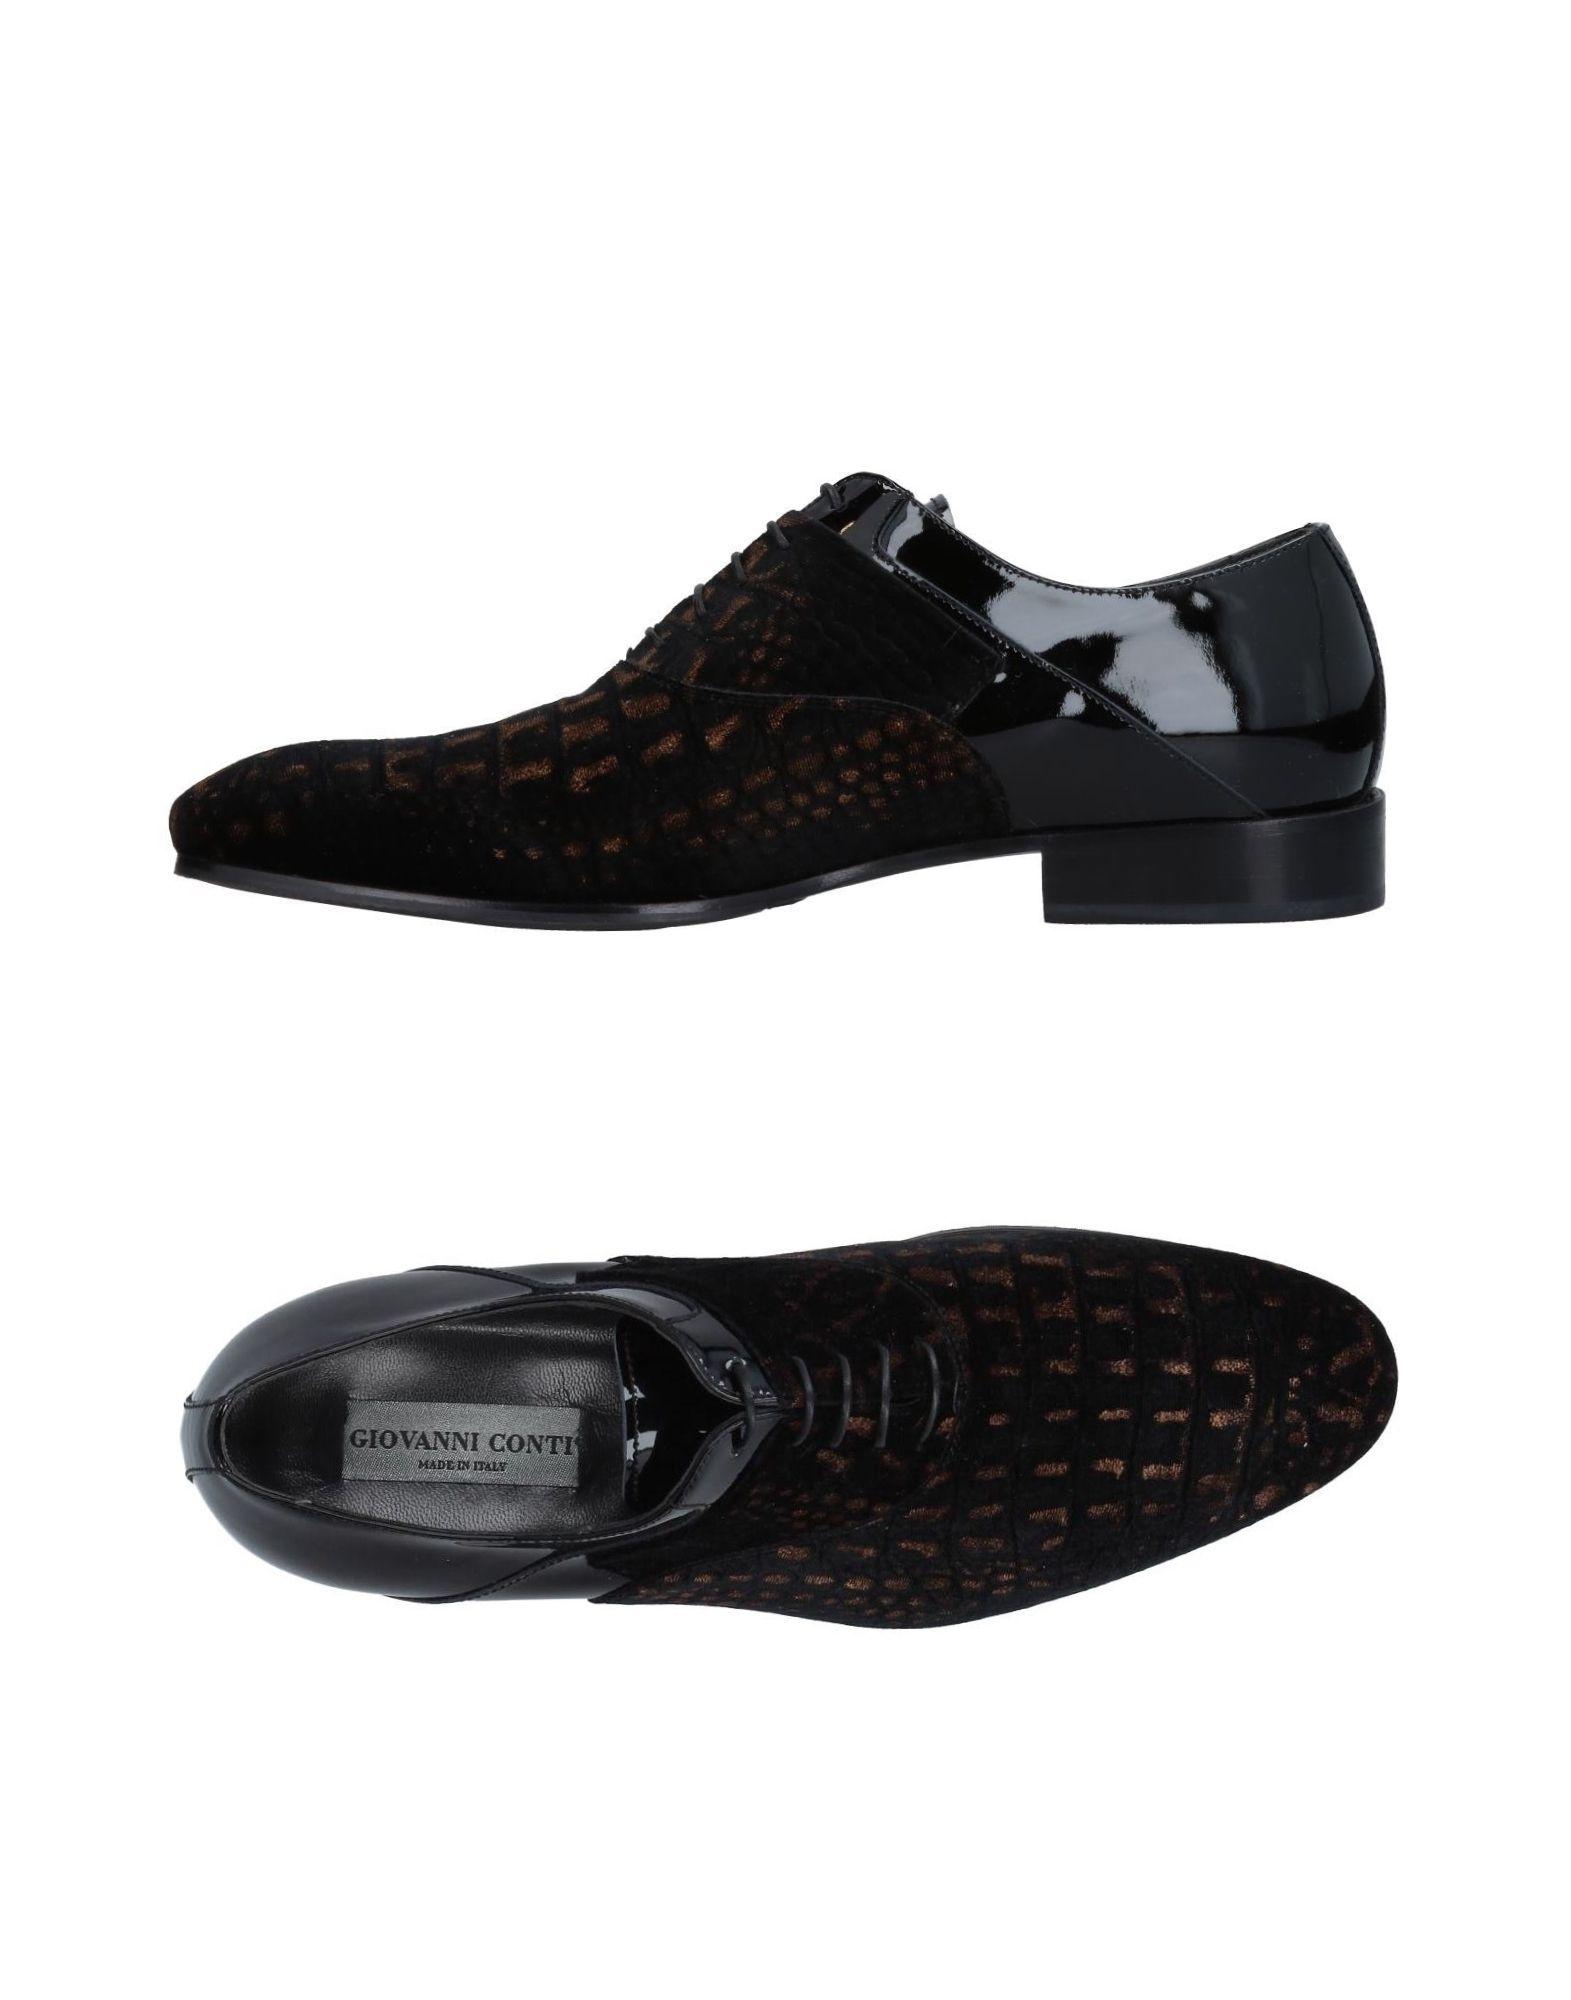 Giovanni Conti Schnürschuhe Herren  11412813LN Gute Qualität beliebte Schuhe